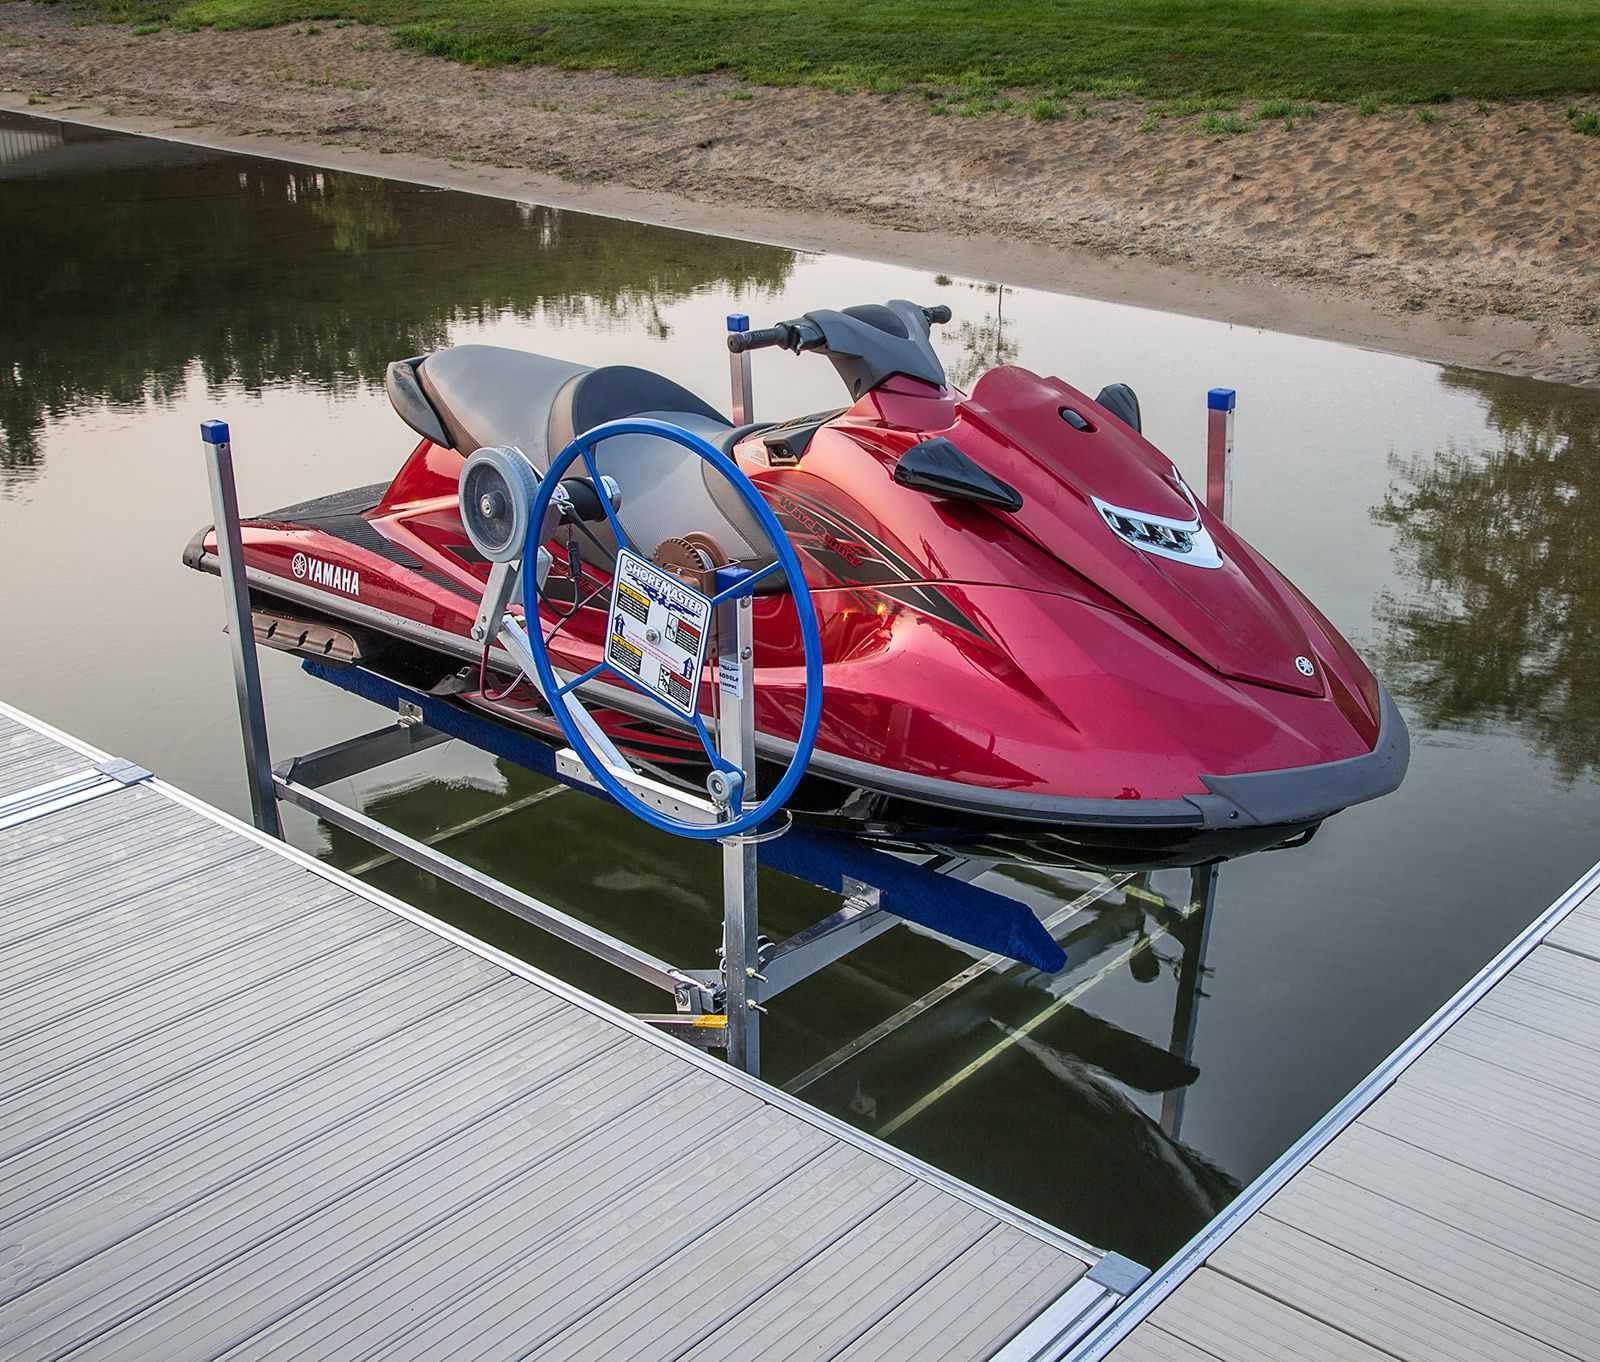 Cantilever Lifts Shoremaster Boat Lift Jet Ski Dock Boat